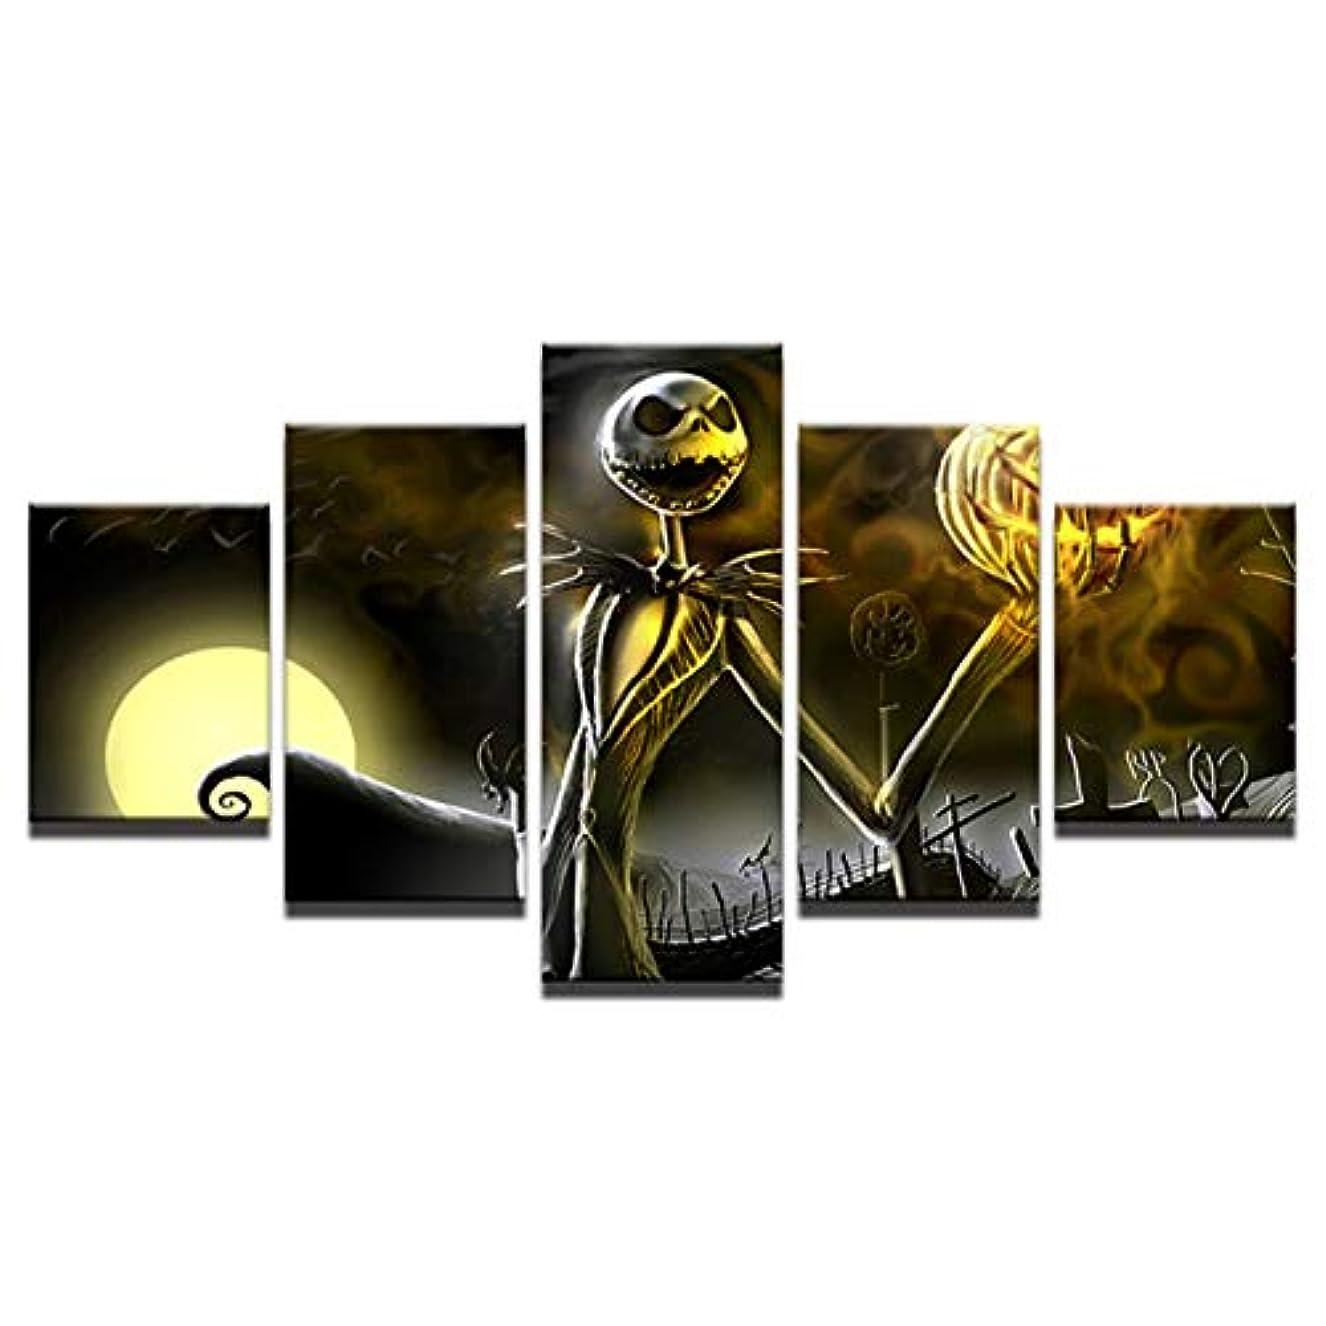 警戒実験をするウミウシSaikogoods レトロジャック?スケリントン絵画モジュラーキャンバスウォールアート写真5つのHallowmasホームデコレーション 多色 10×15cm×2個10×20cm×2個10×2